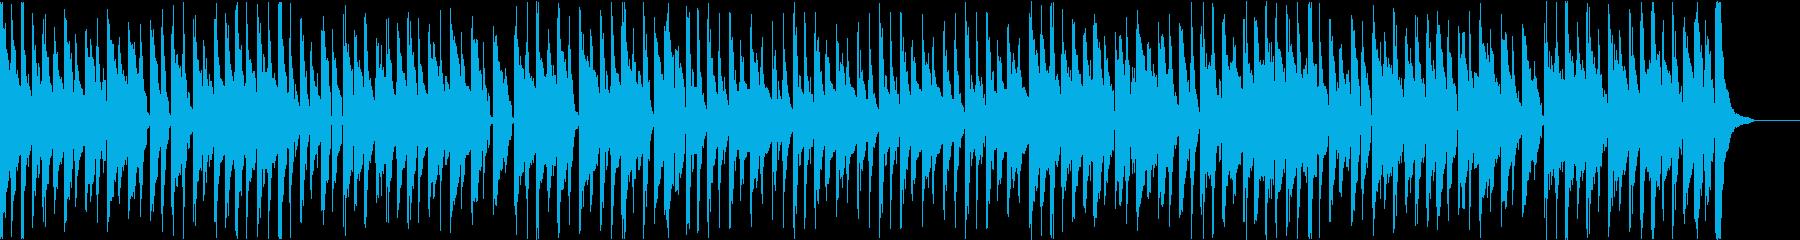 口笛とウクレレの楽しくコミカルで軽快な曲の再生済みの波形